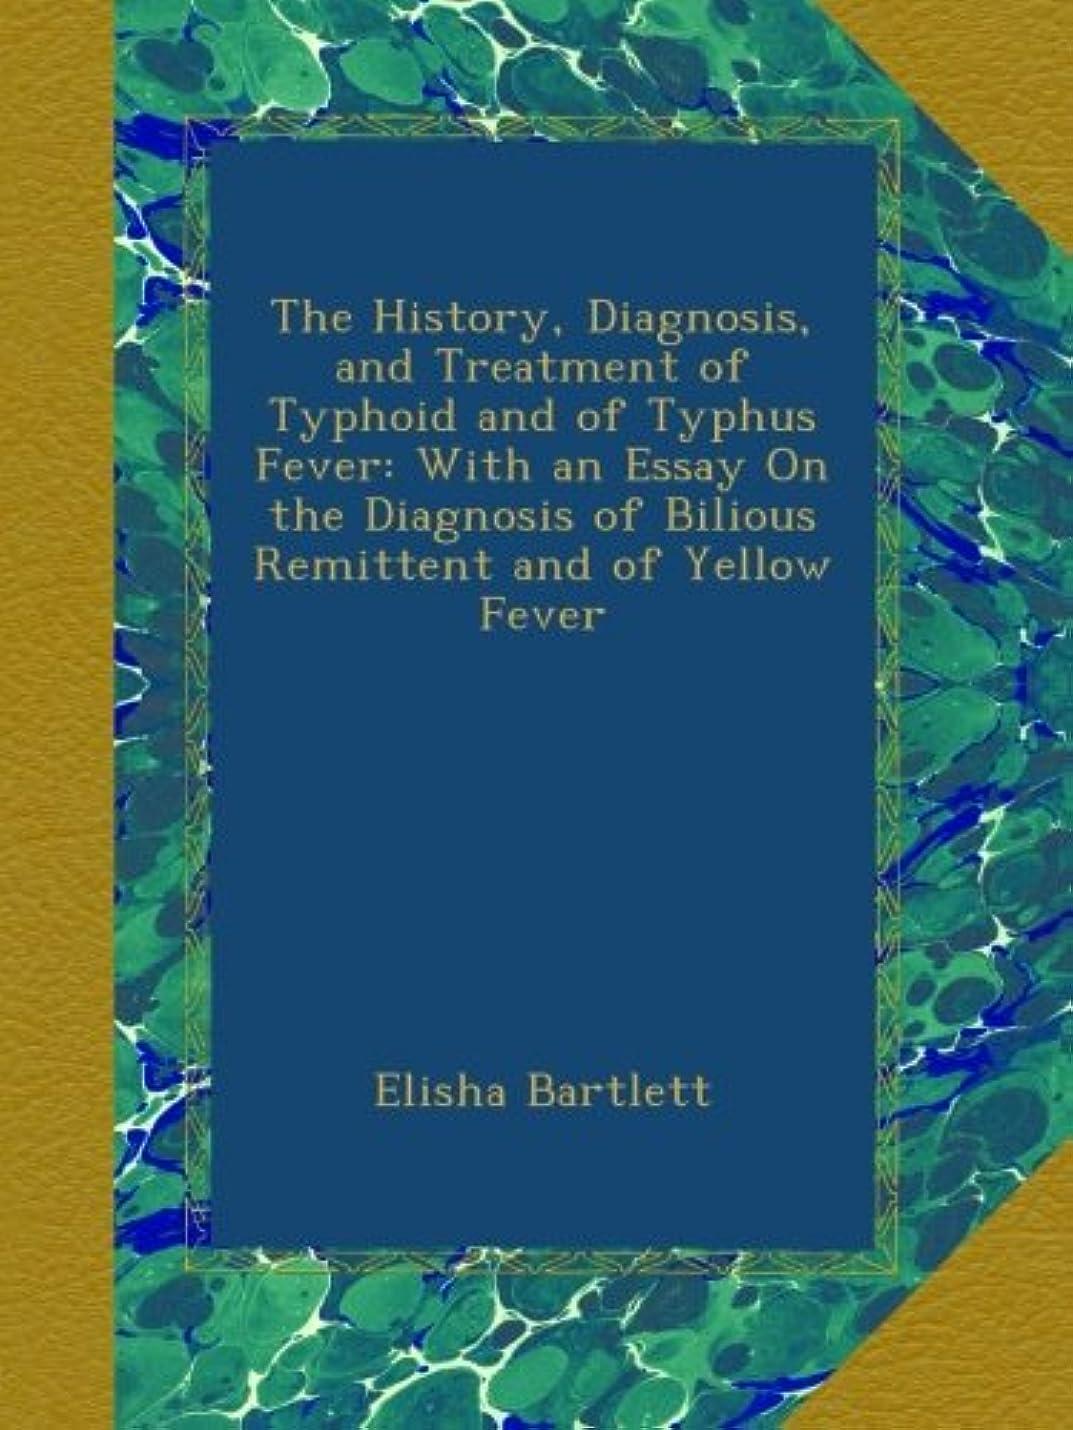 パラシュートフルーティーThe History, Diagnosis, and Treatment of Typhoid and of Typhus Fever: With an Essay On the Diagnosis of Bilious Remittent and of Yellow Fever